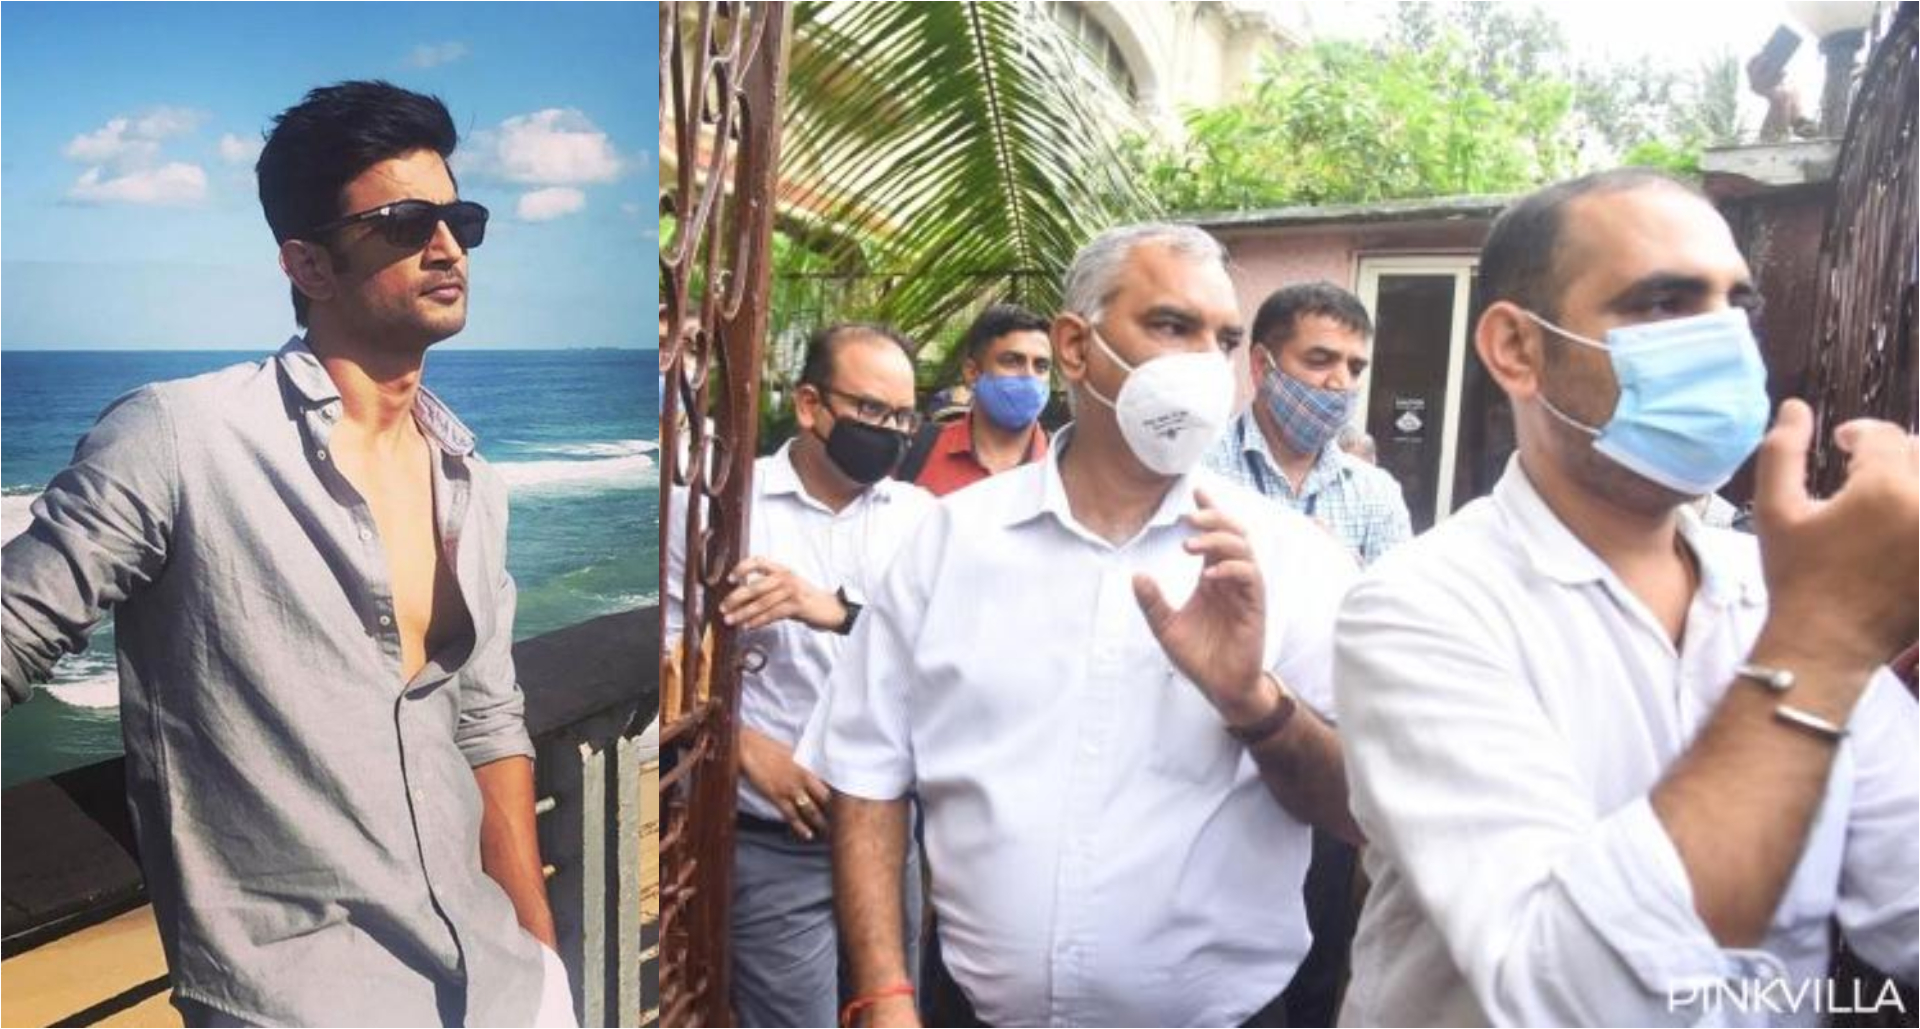 Sushant Singh Rajput Case: CBI ऑफिसर्स के साथ फॉरेंसिक लैब की टीम पहुंची सुशांत के घर, देखिये तस्वीरें!